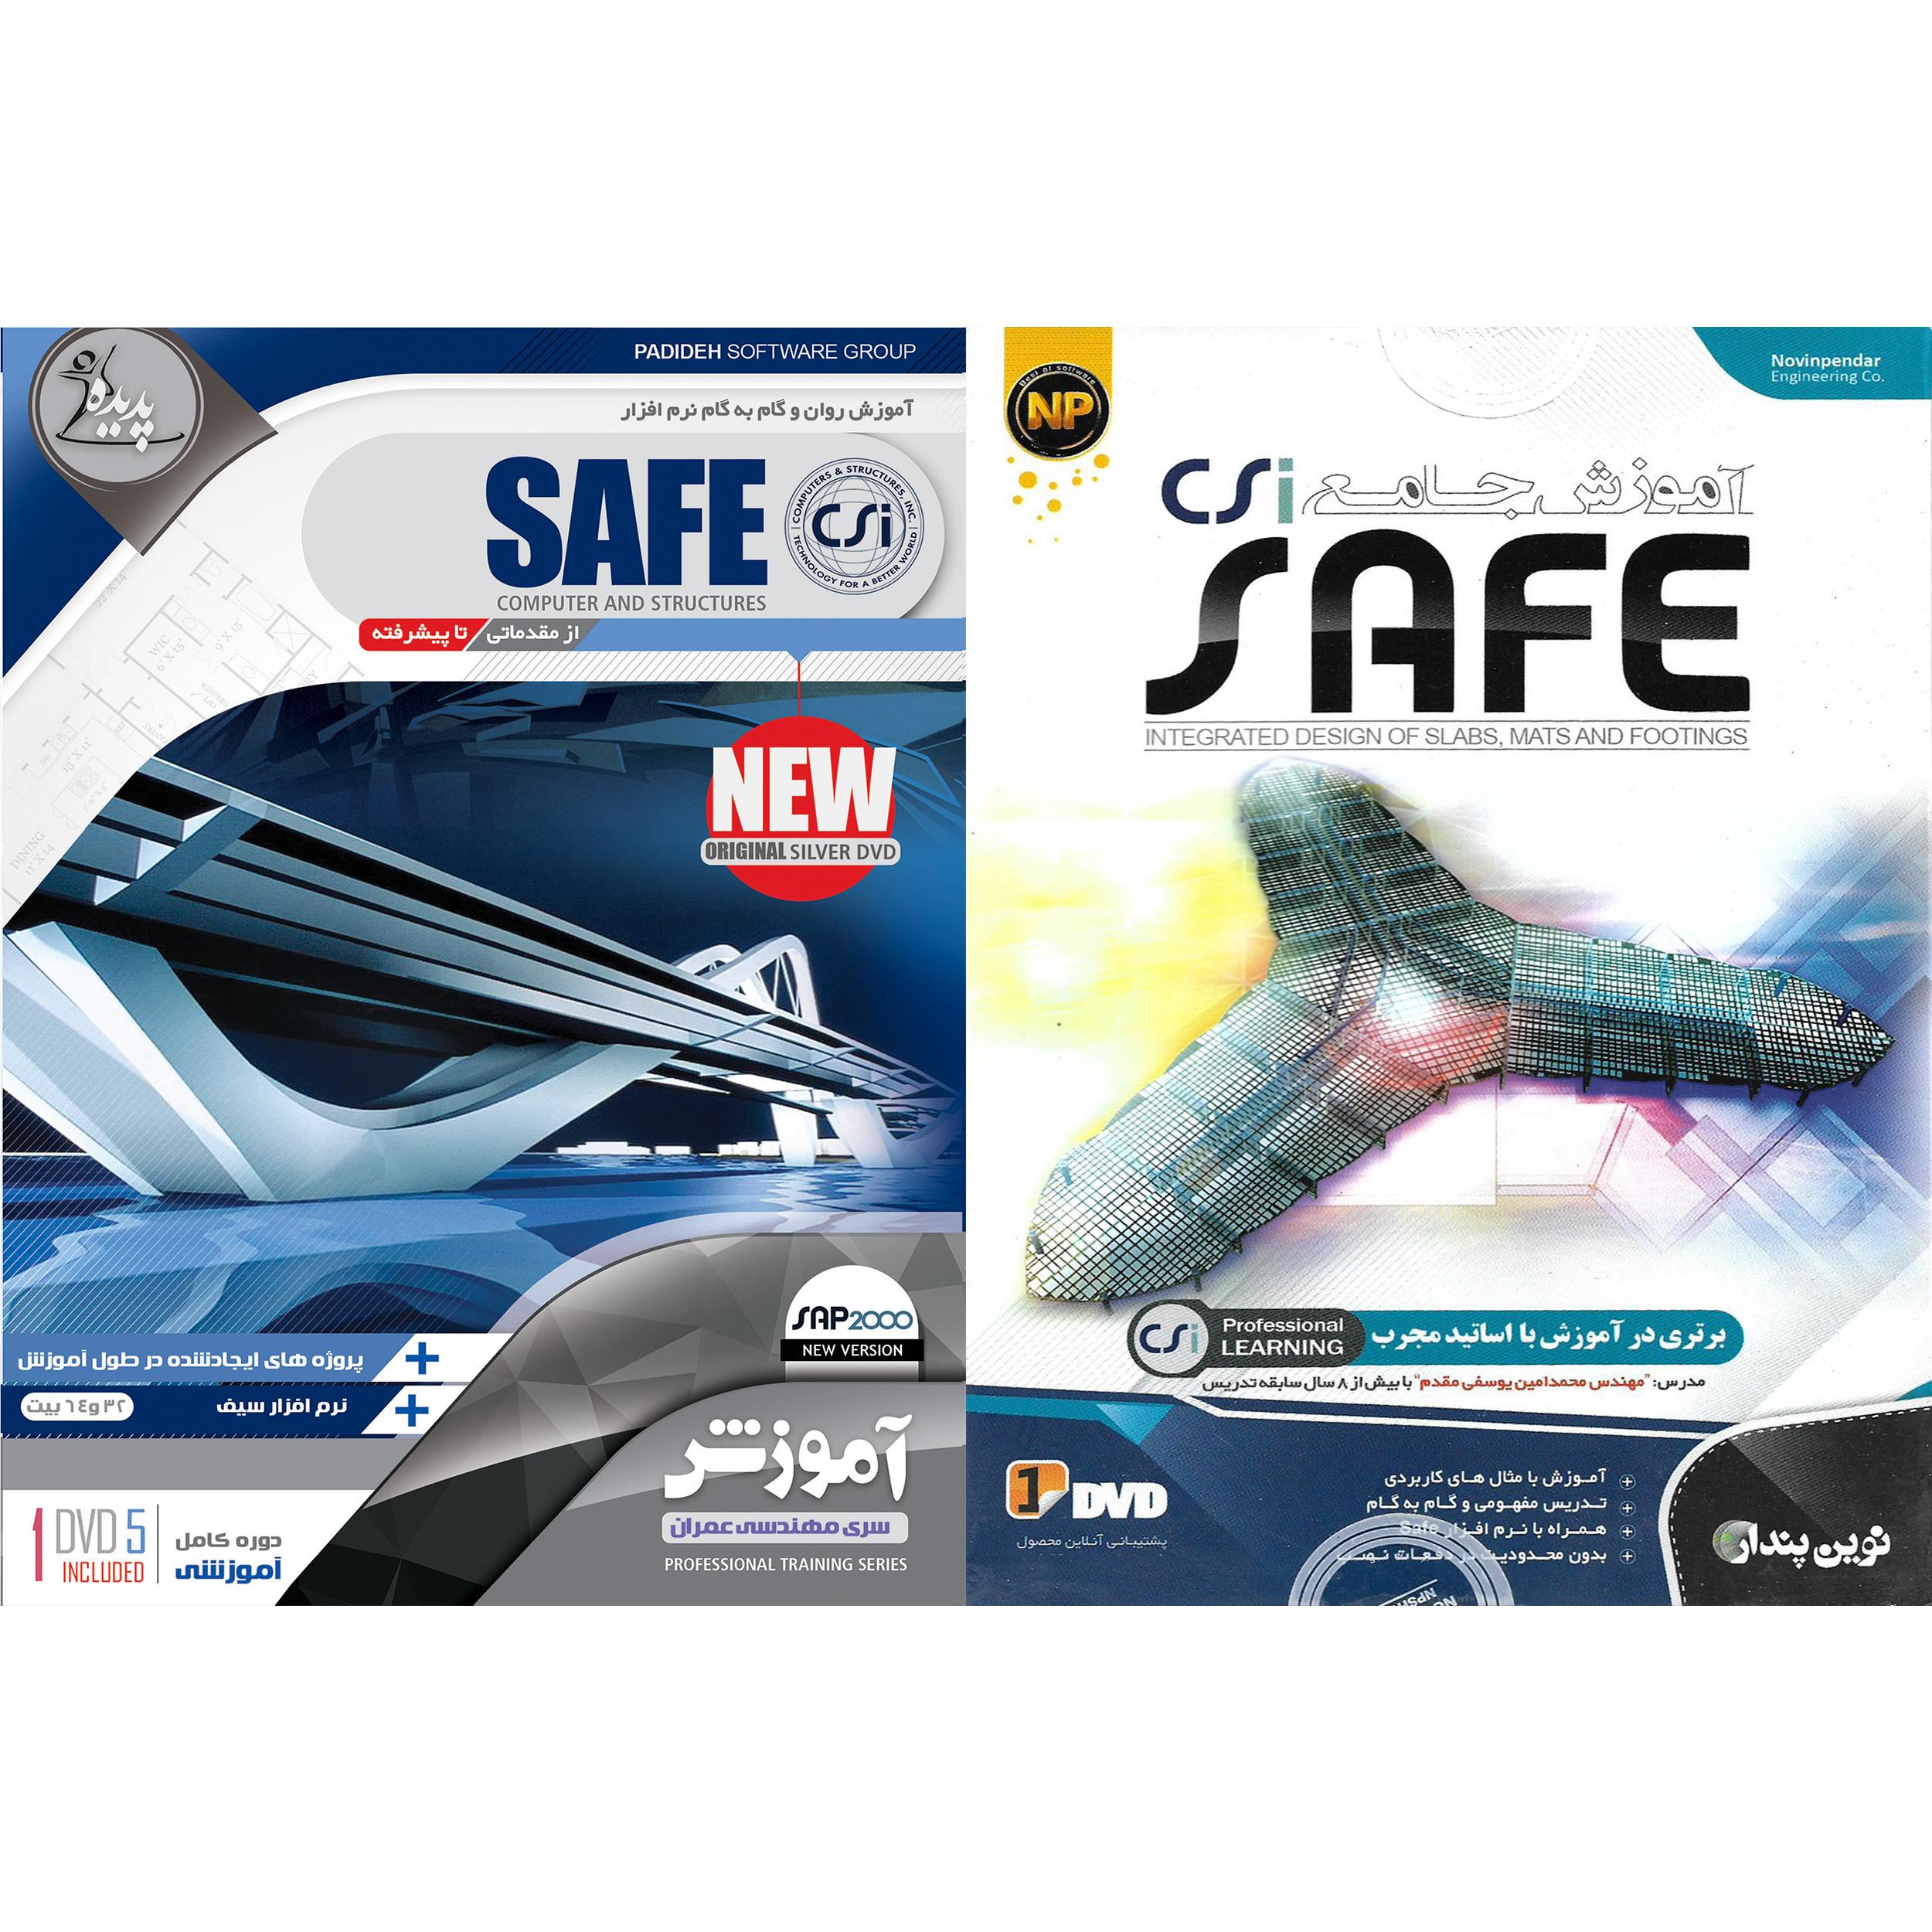 نرم افزار آموزش SAFE نشر نوین پندار به همراه نرم افزار آموزش SAFE نشر پدیده